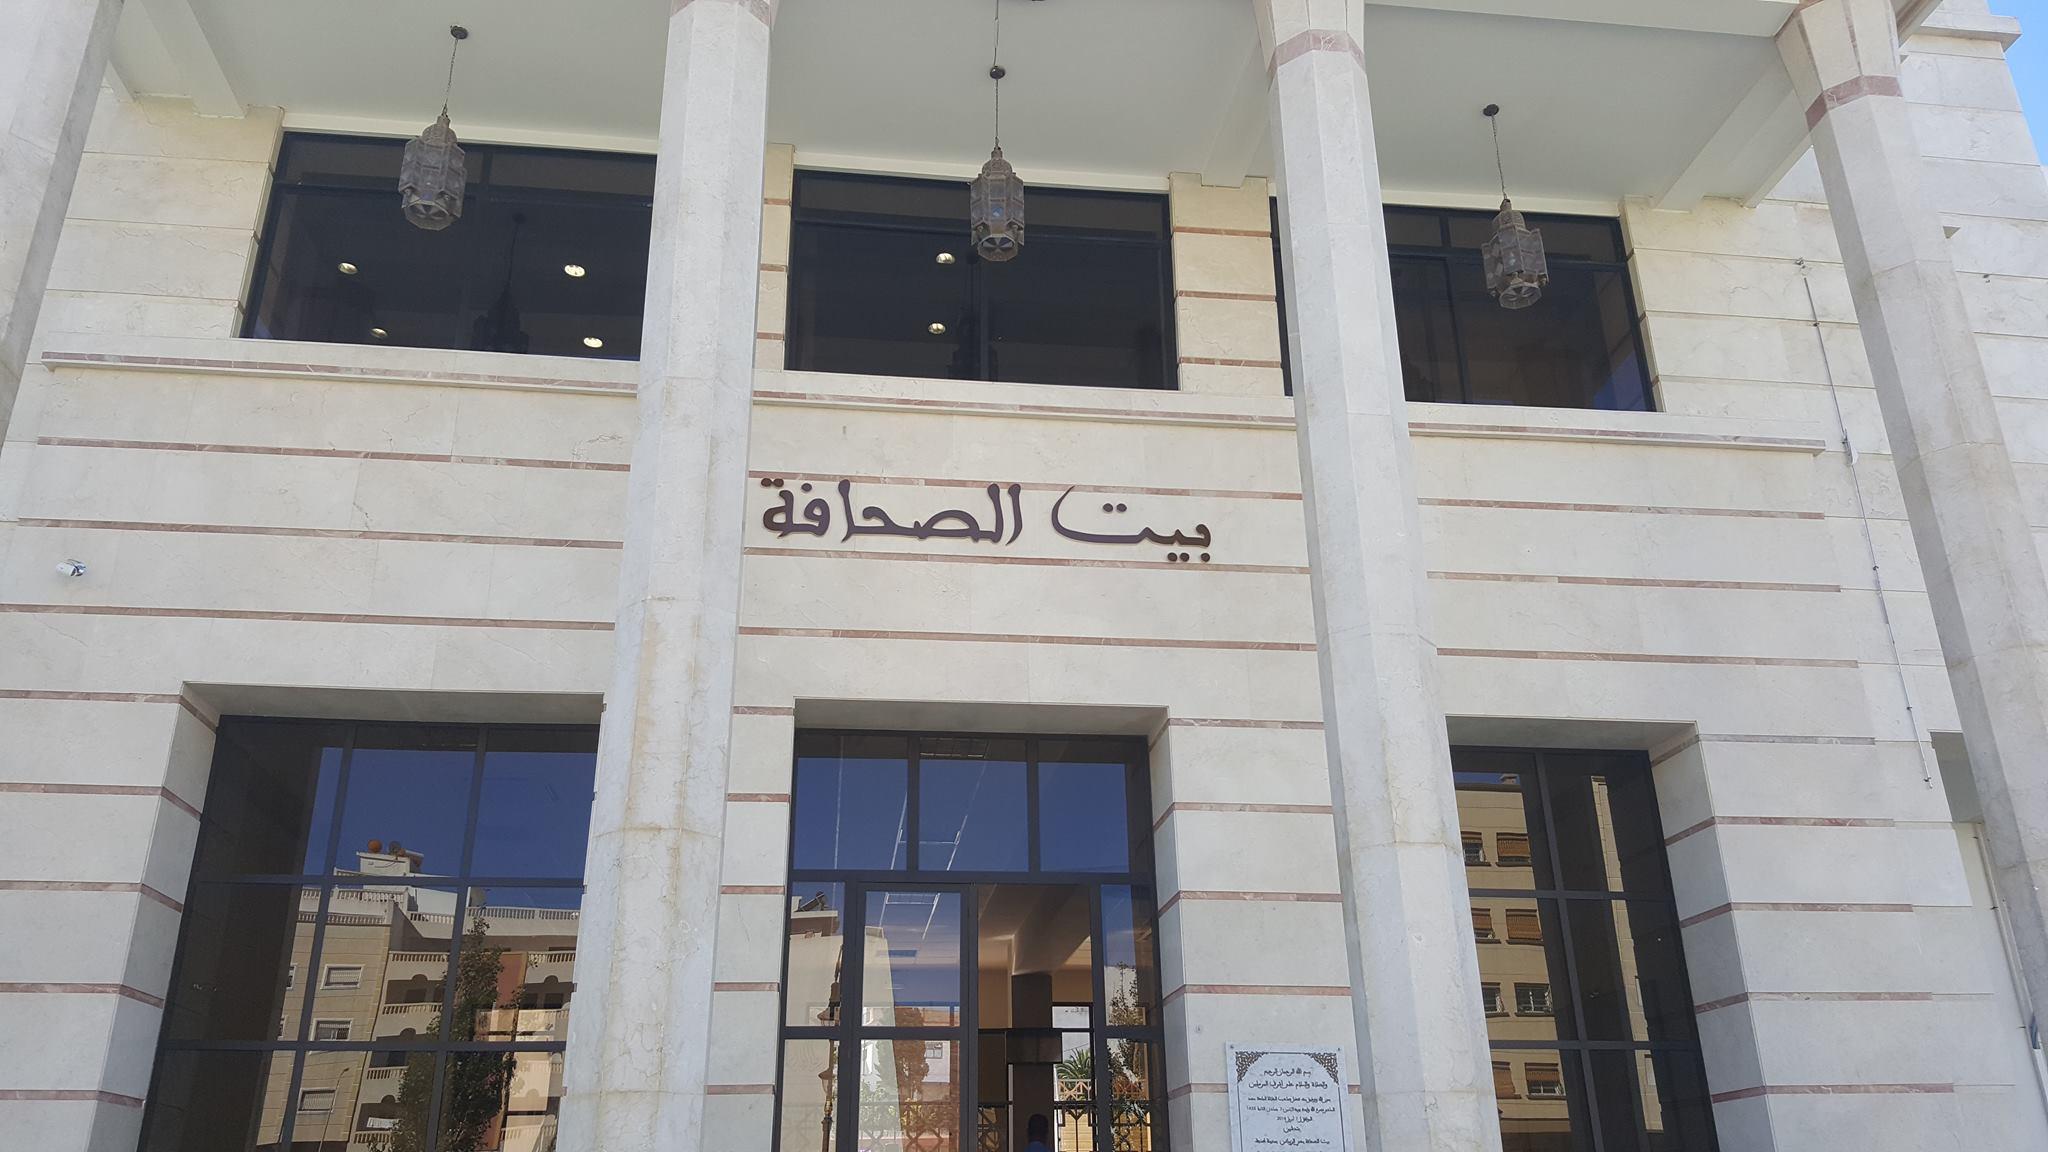 """شعراء إعلاميون يلتئمون تحت سقف """"بيت الصحافة"""" بطنجة مساء اليوم الثلاثاء"""